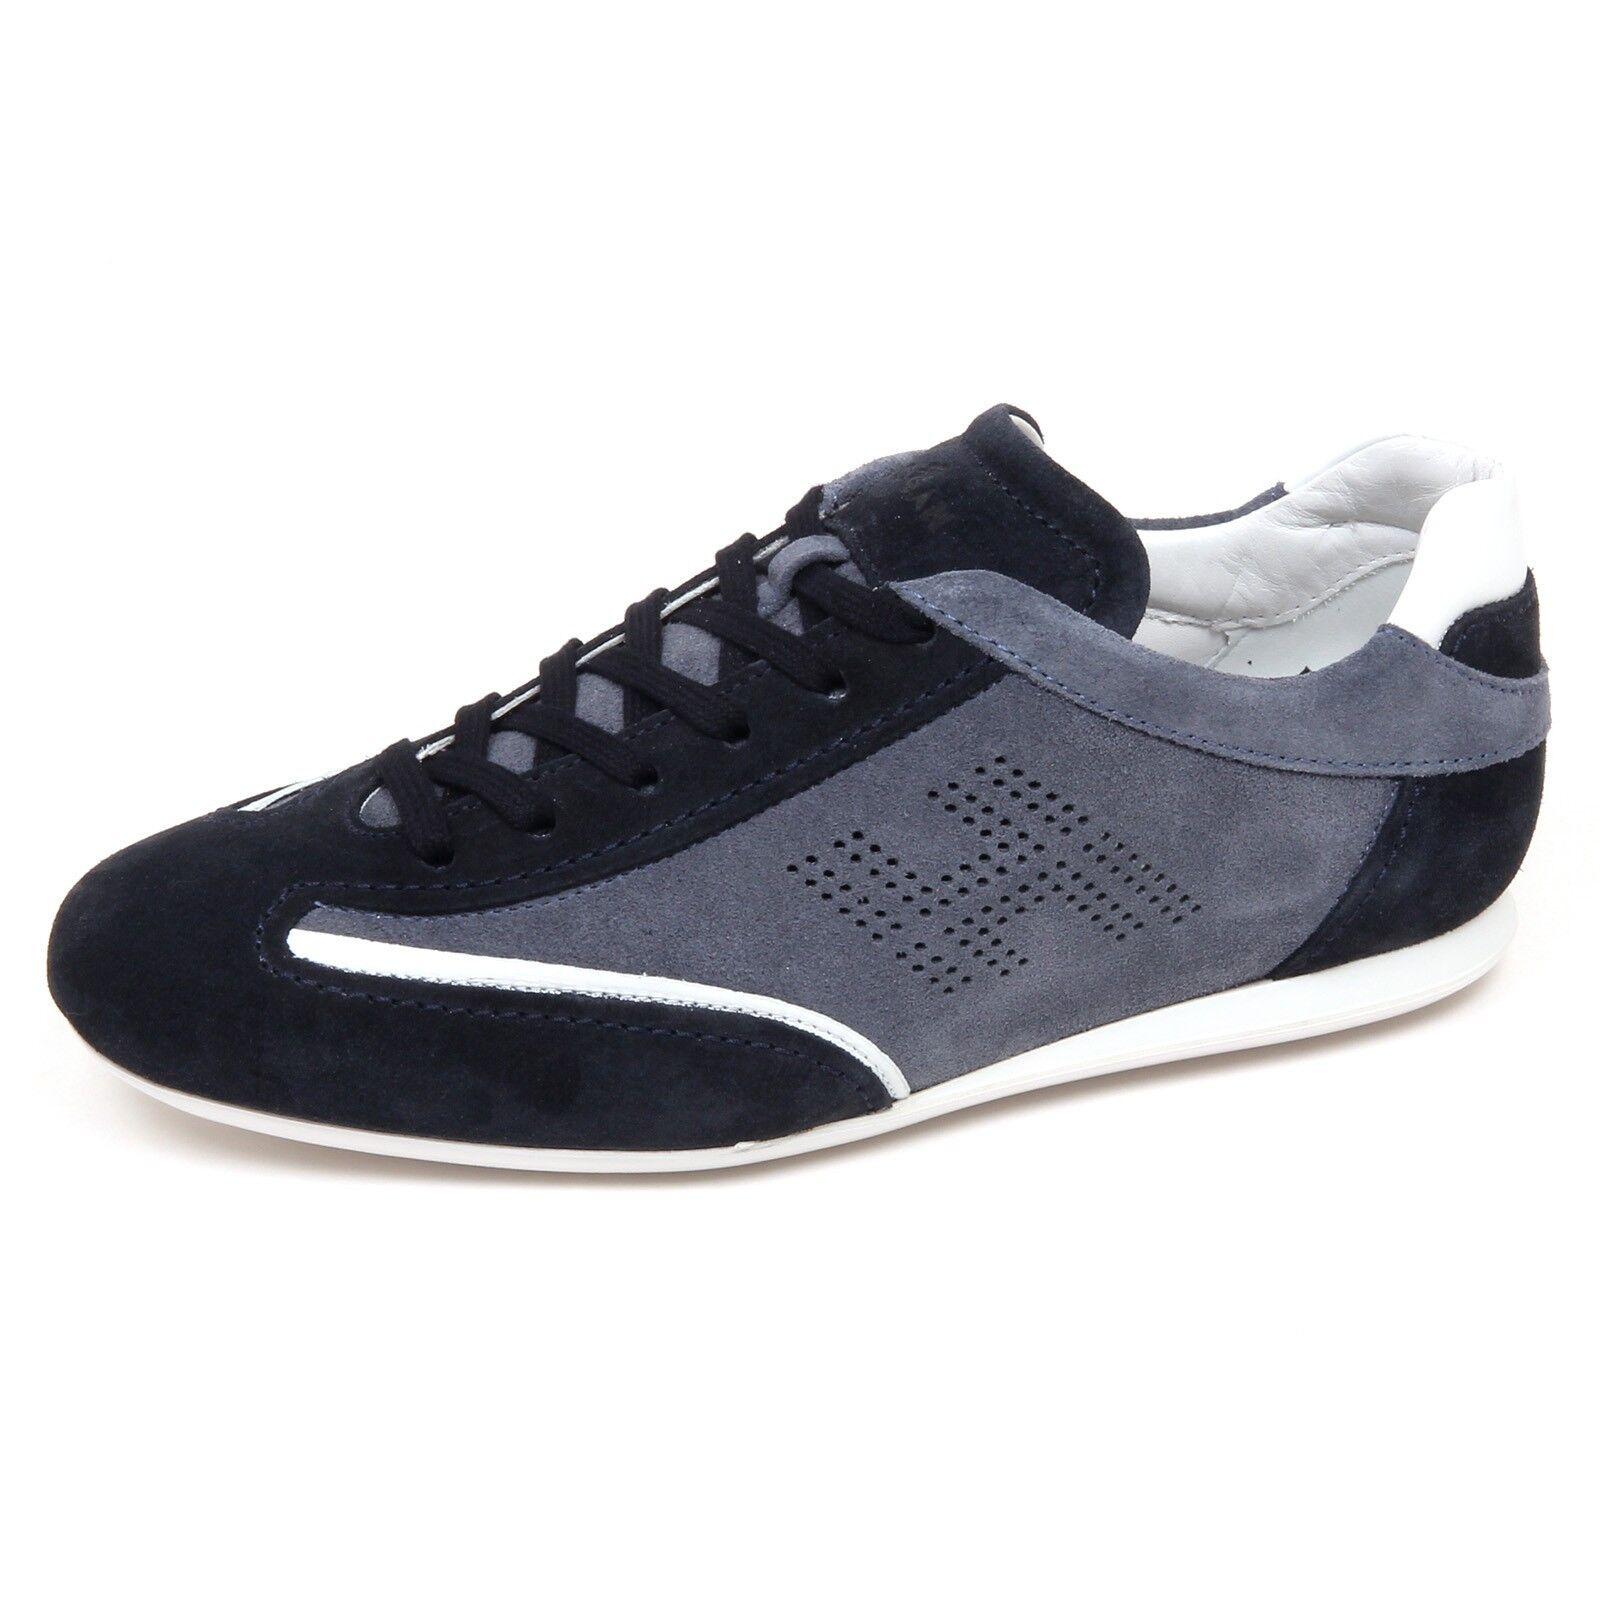 E9844 zapatilla de deporte hombres azul Avio HOGAN OLYMPIA SLASH H perforado Zapato hombre